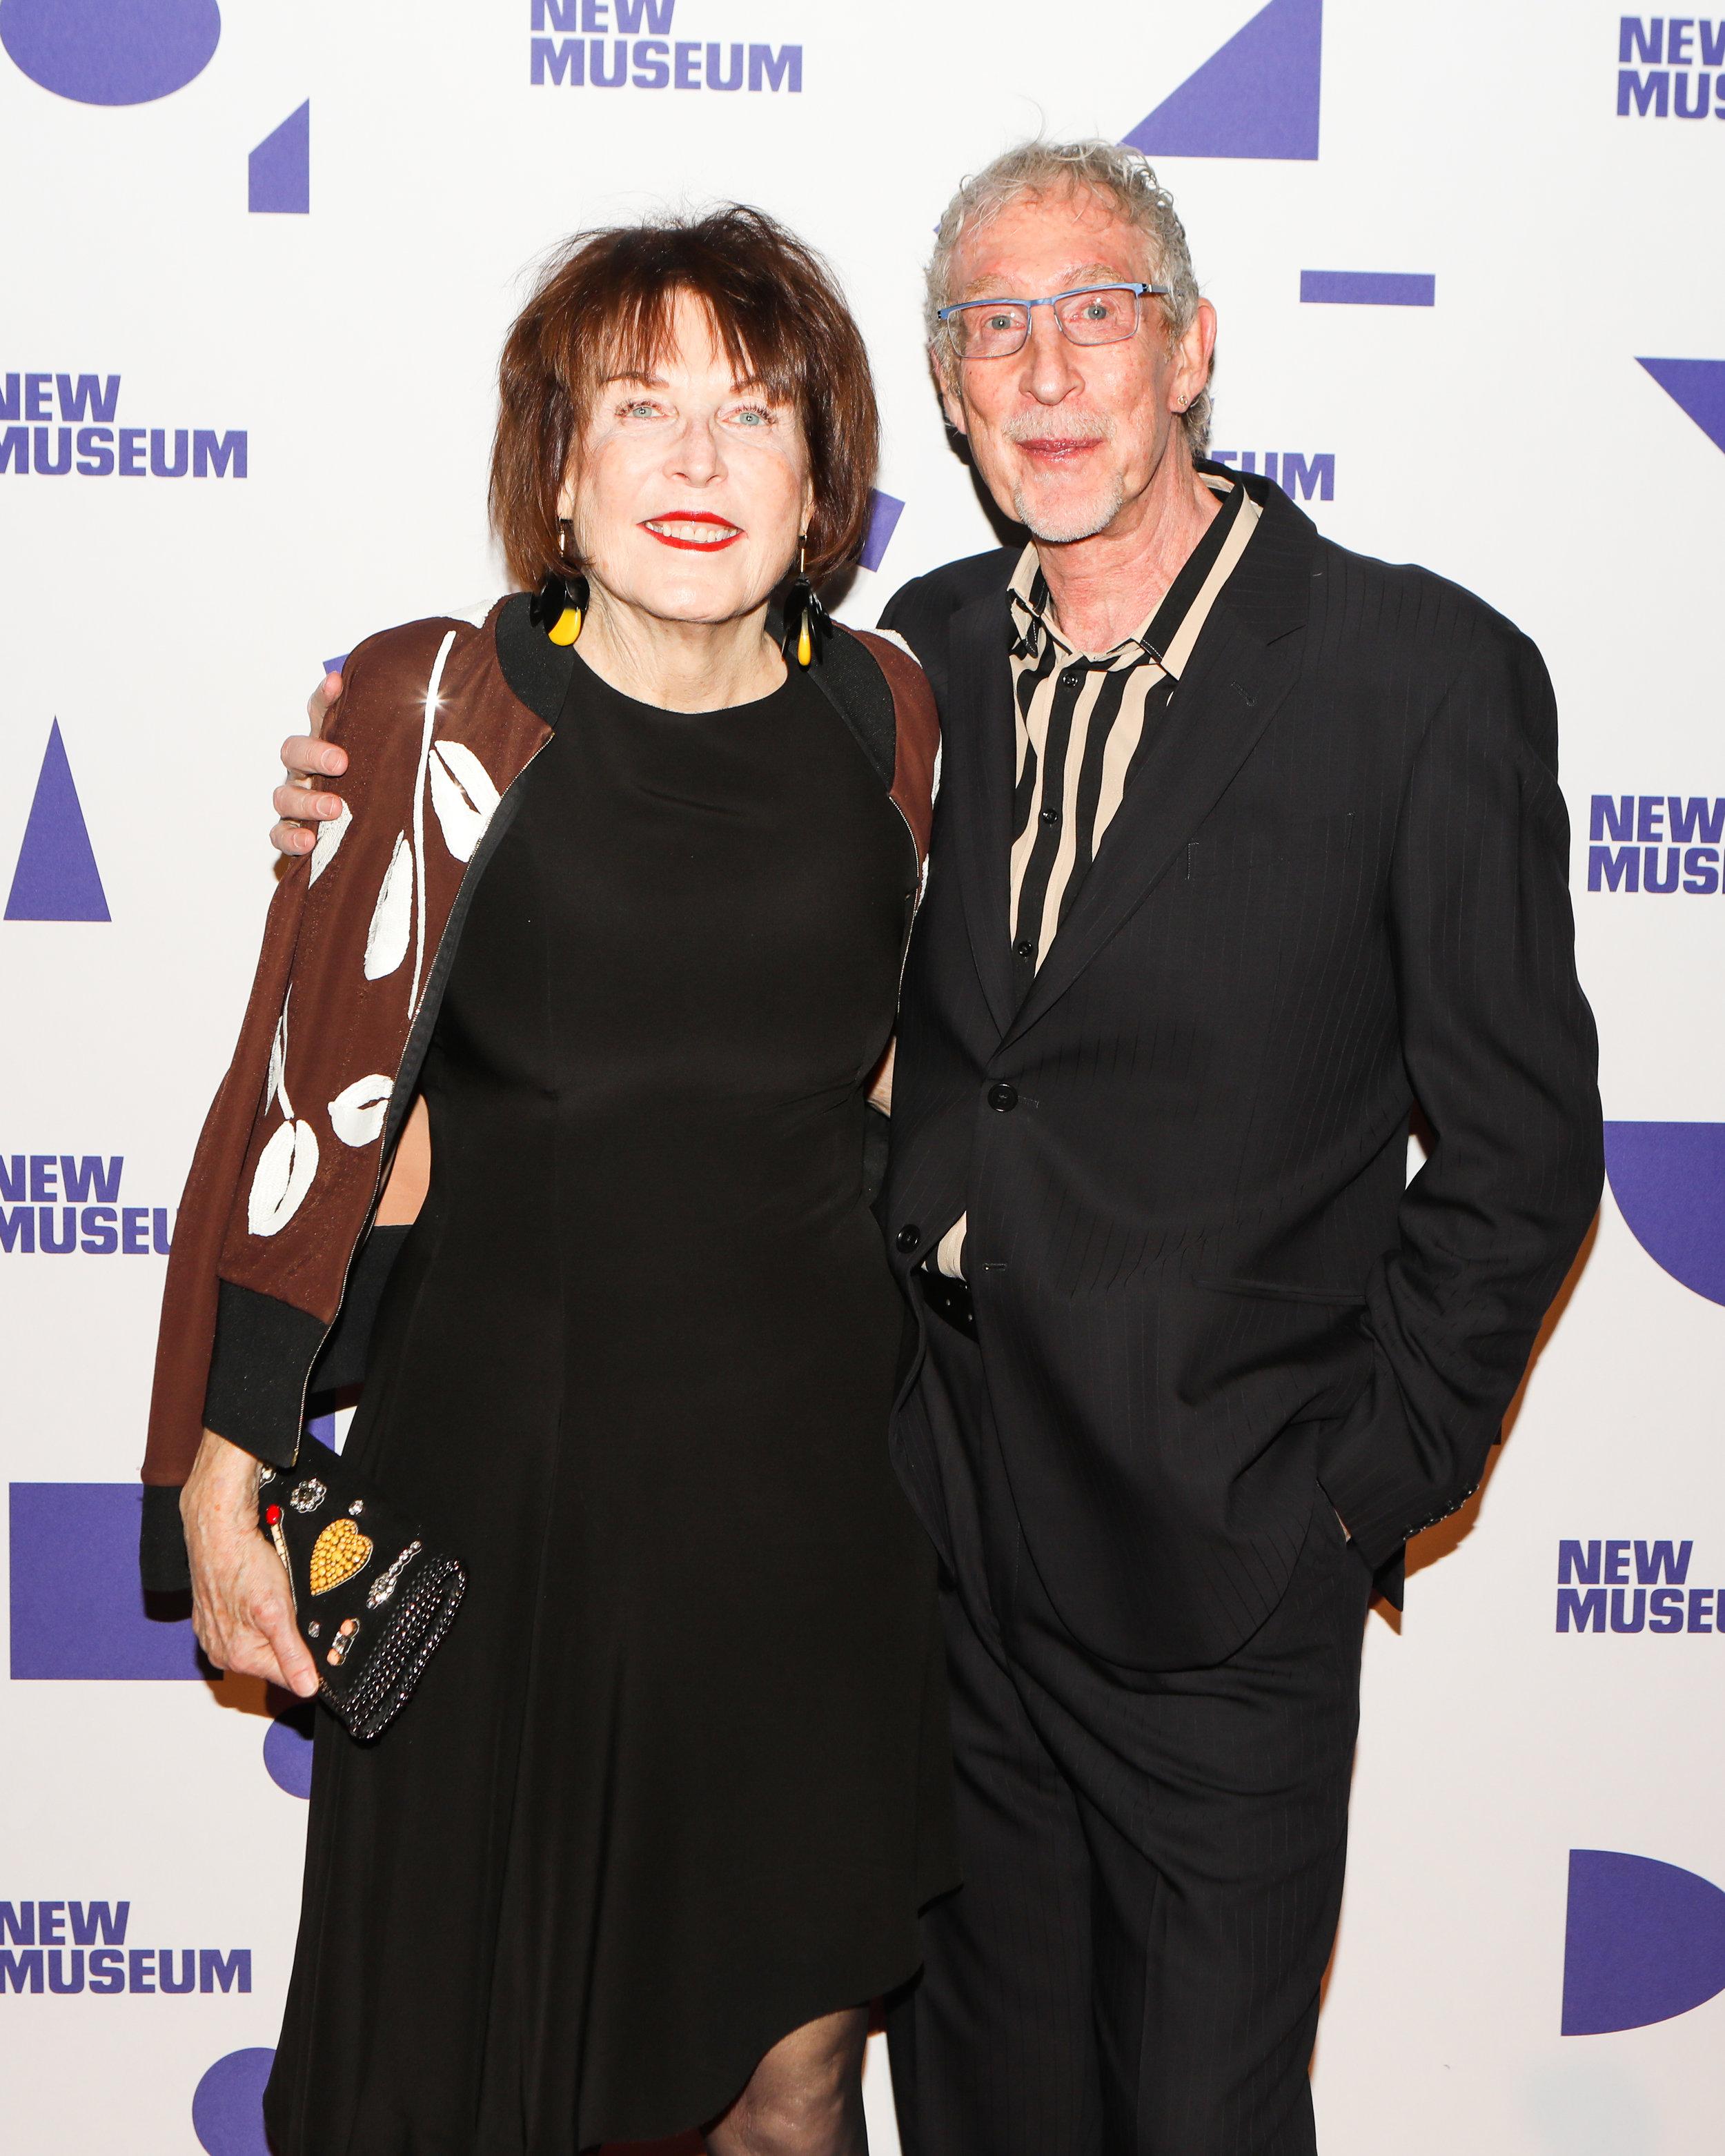 Marilyn Minter and Bill Miller